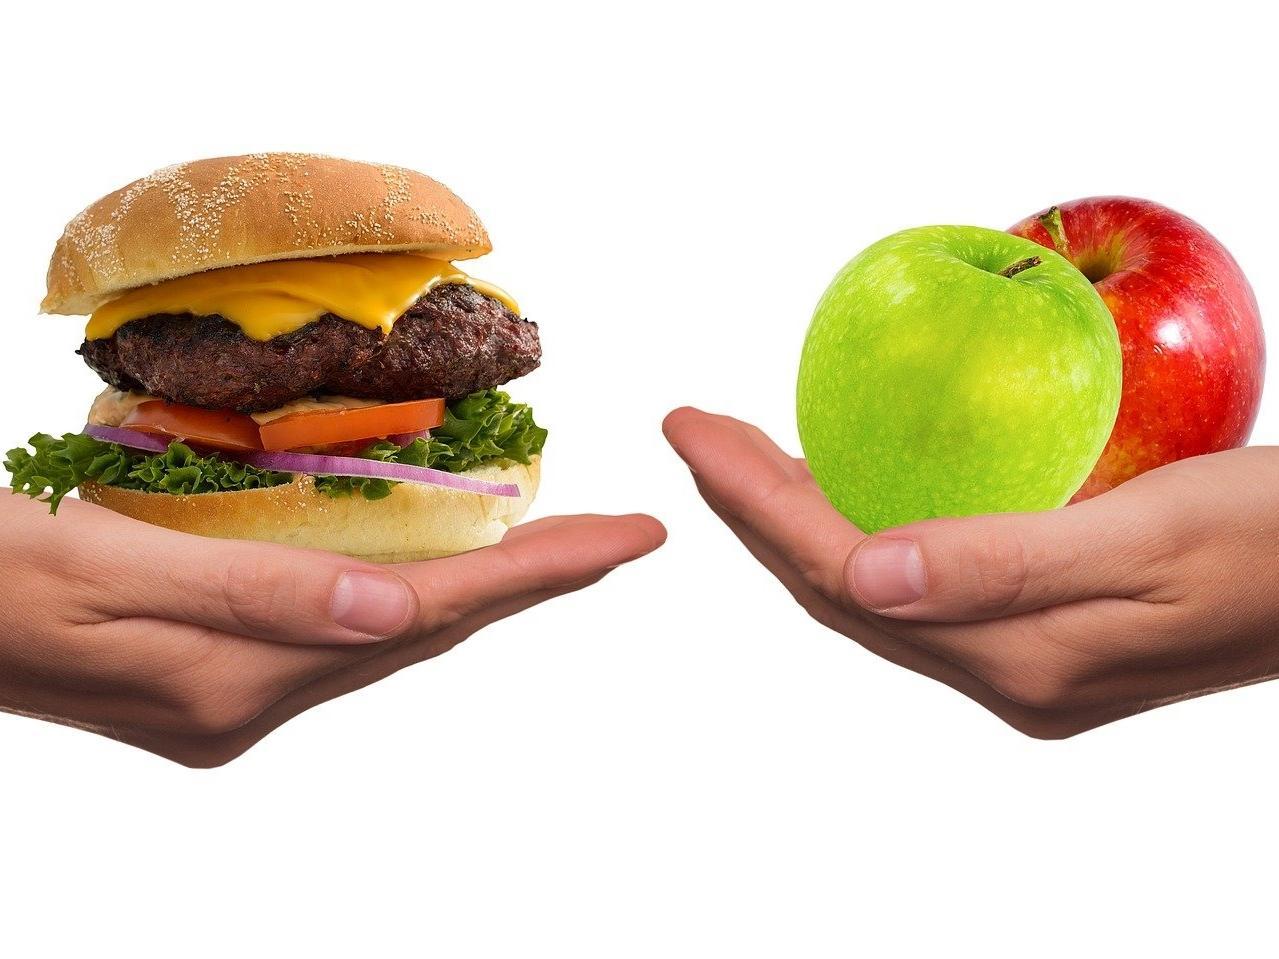 фото «Лето - идеальное время для диеты»: ЗОЖ-блогер из Новосибирска дала пять советов по правильному питанию 2